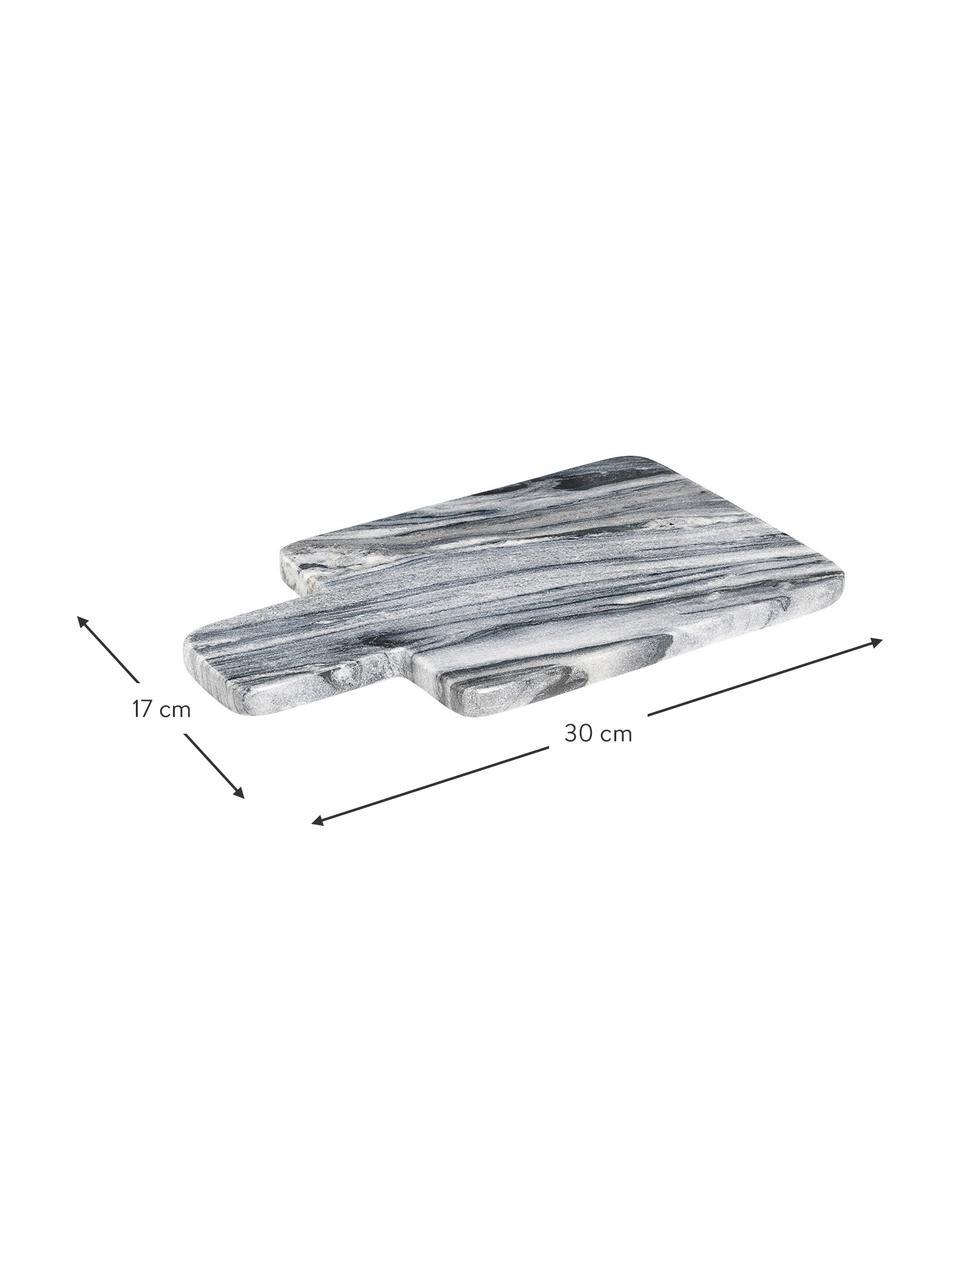 Marmeren snijplank Adam, L 30 x B 17 cm, Marmer, Grijs, 17 x 30 cm